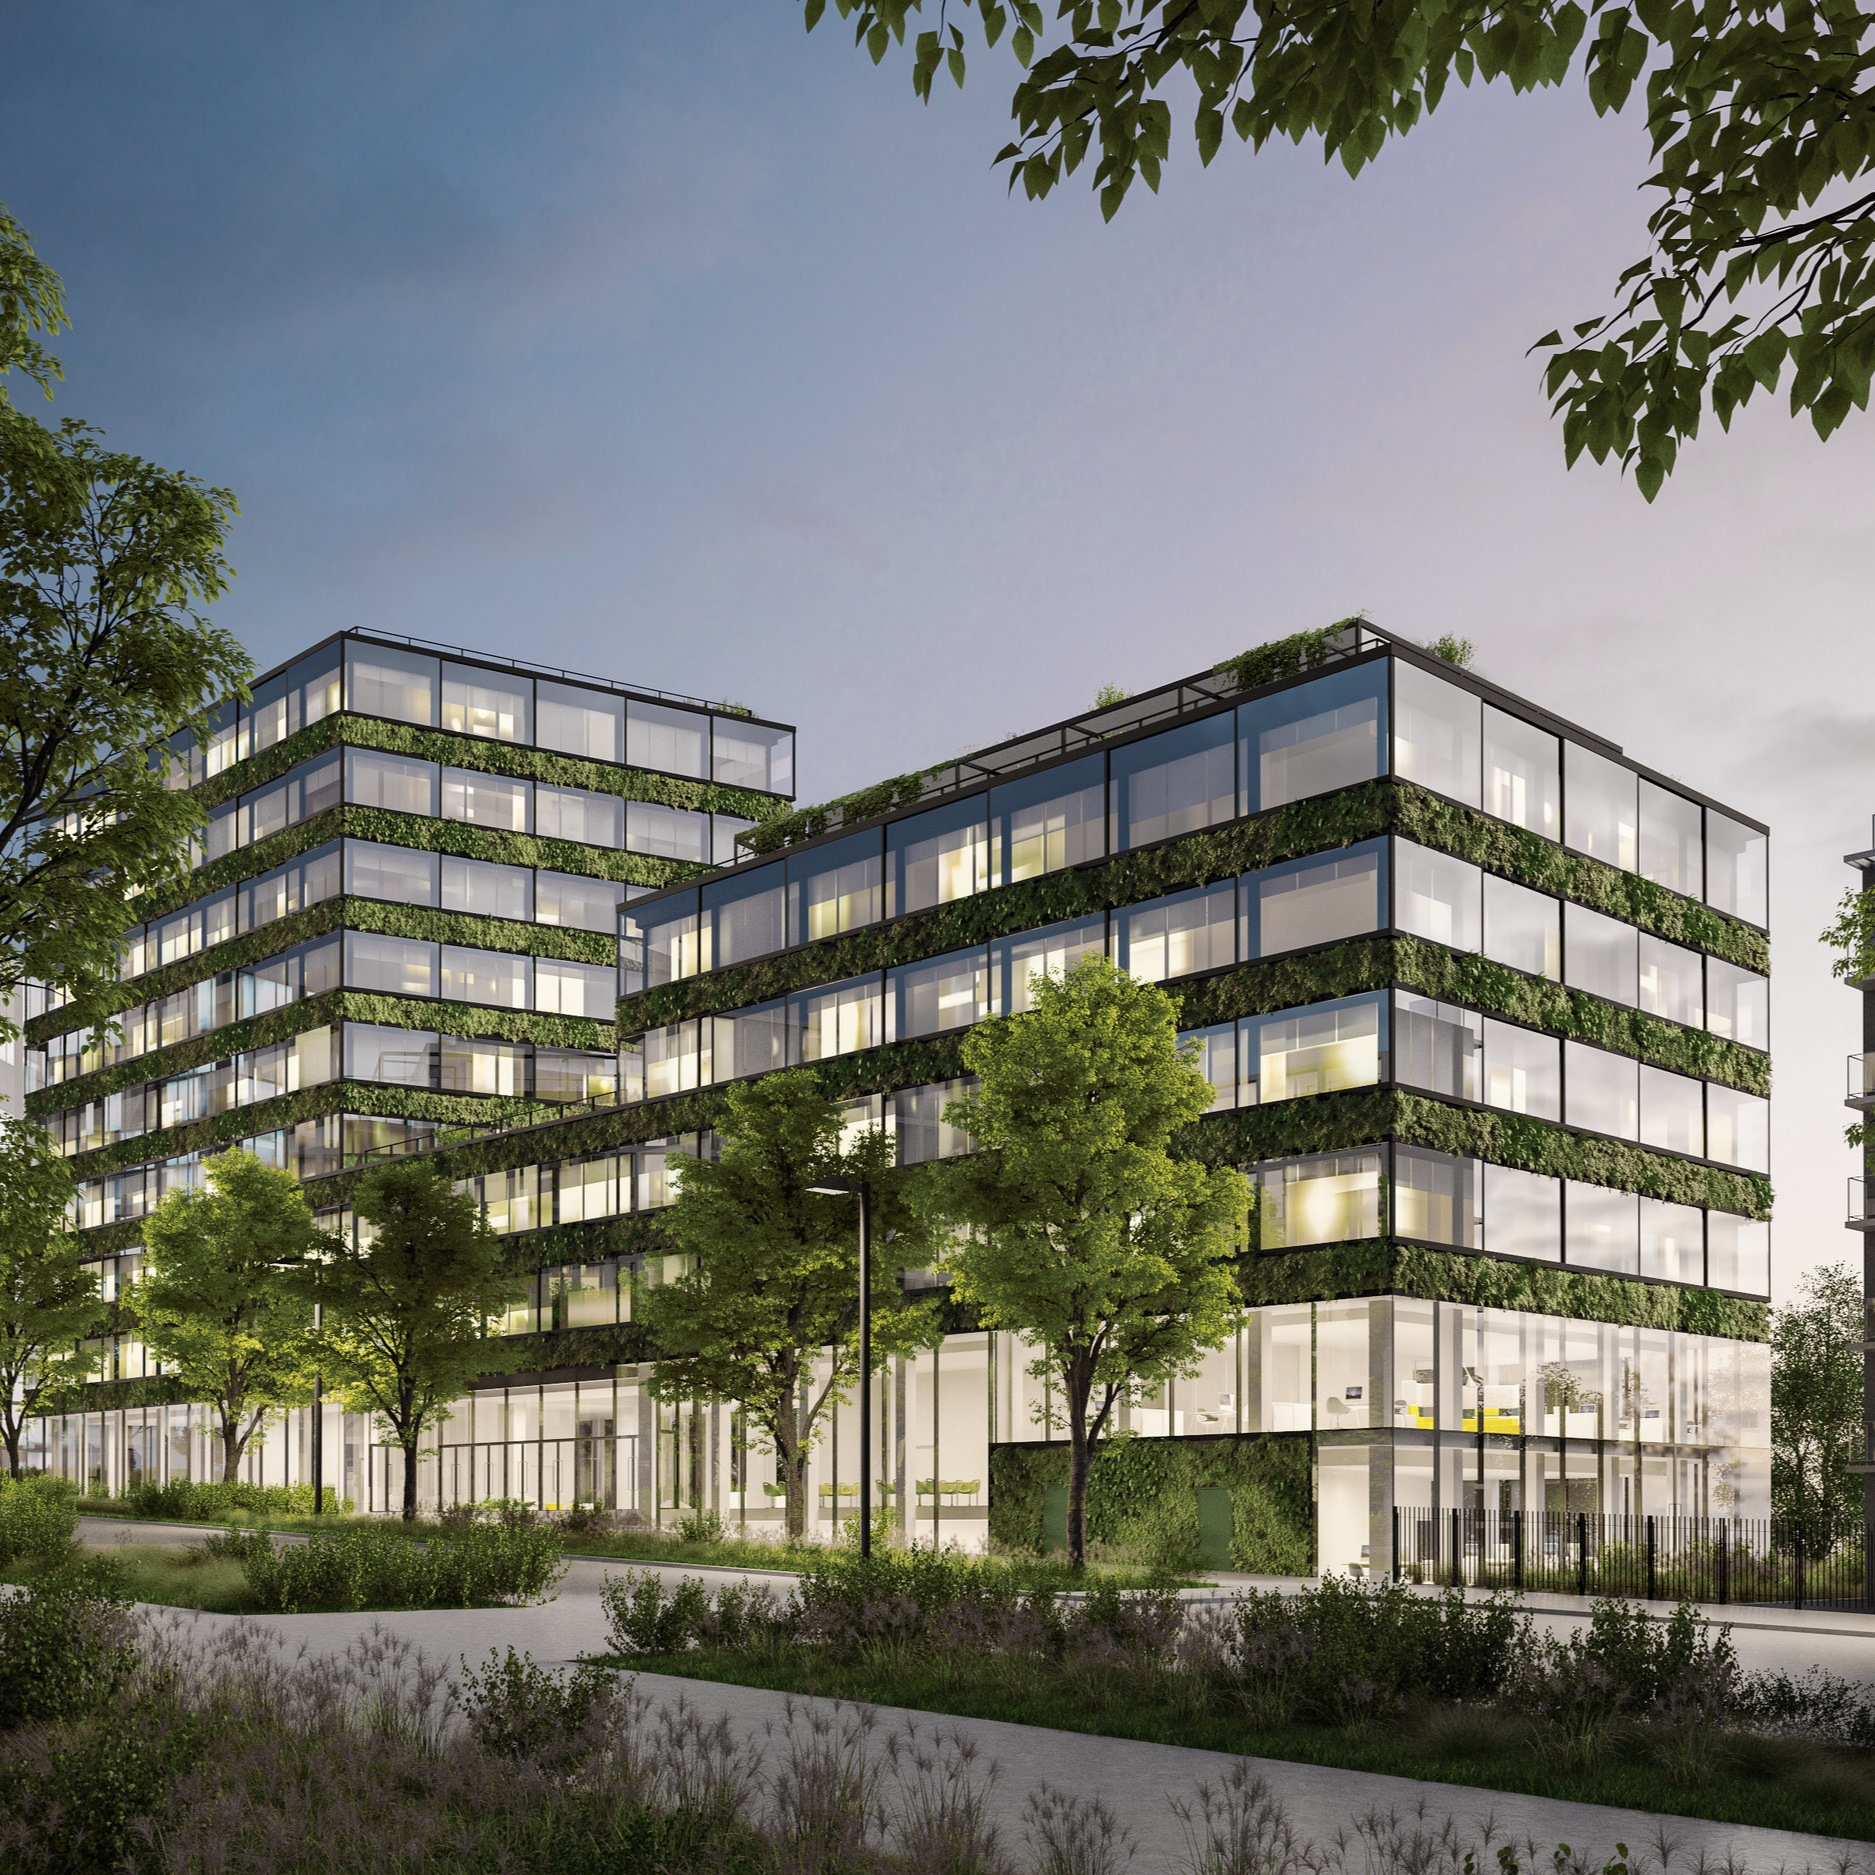 Le Cercle - Immeuble de bureau innovant - - PARIS 13 -Livraison 2020